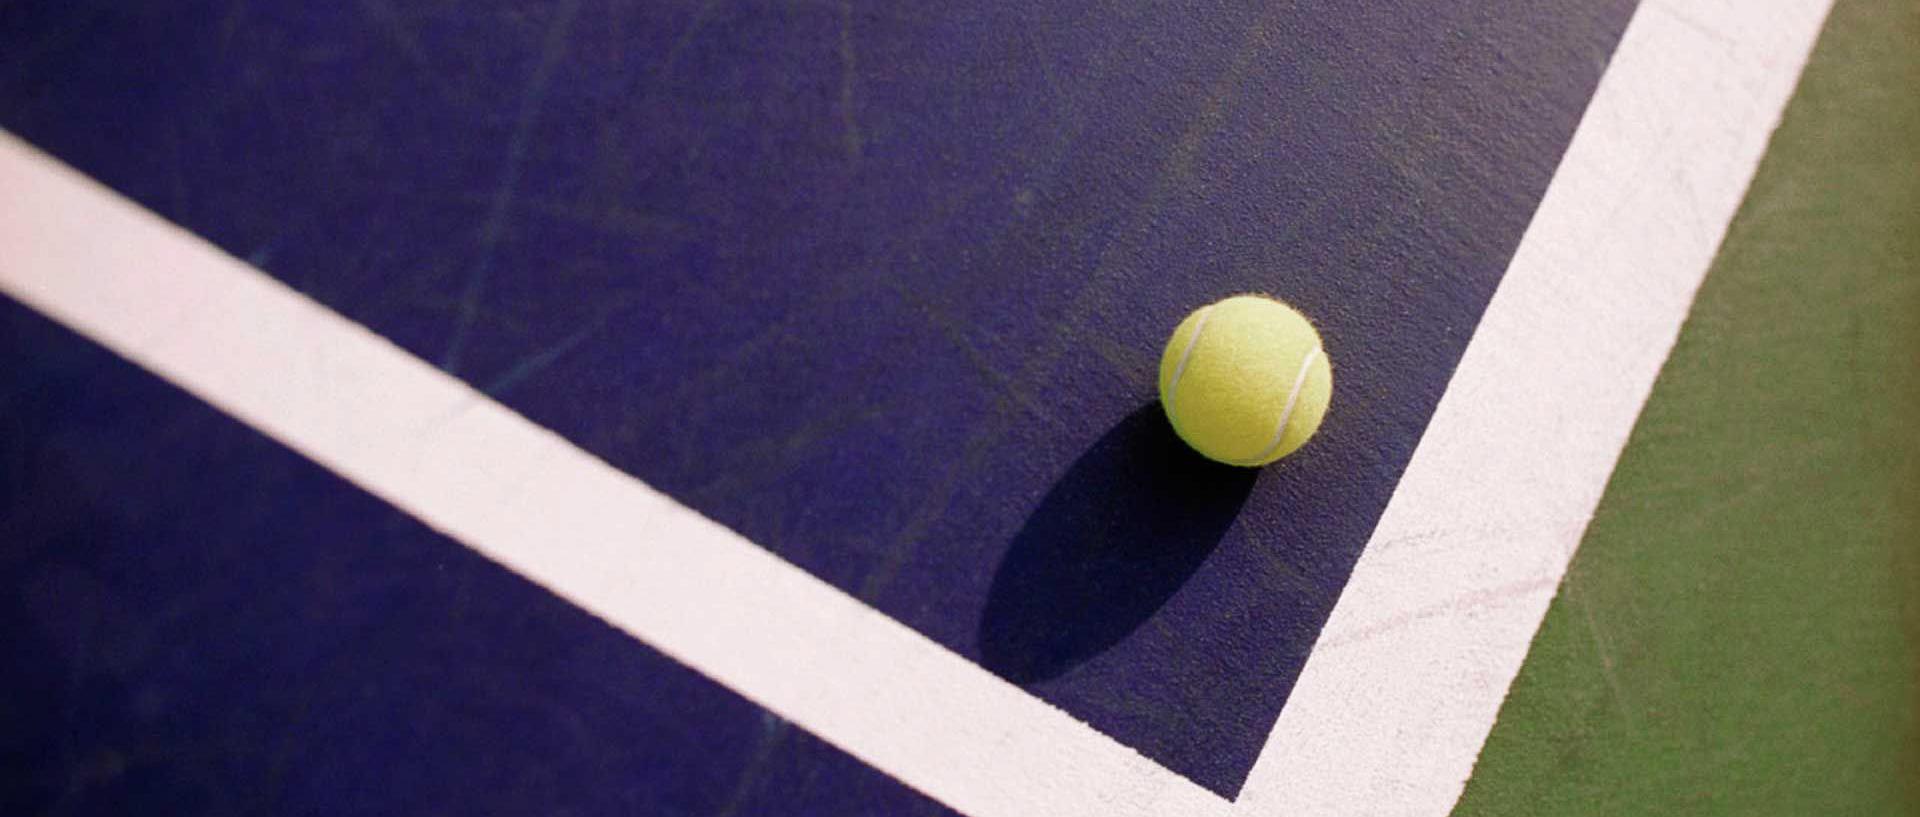 tennis_courtBK